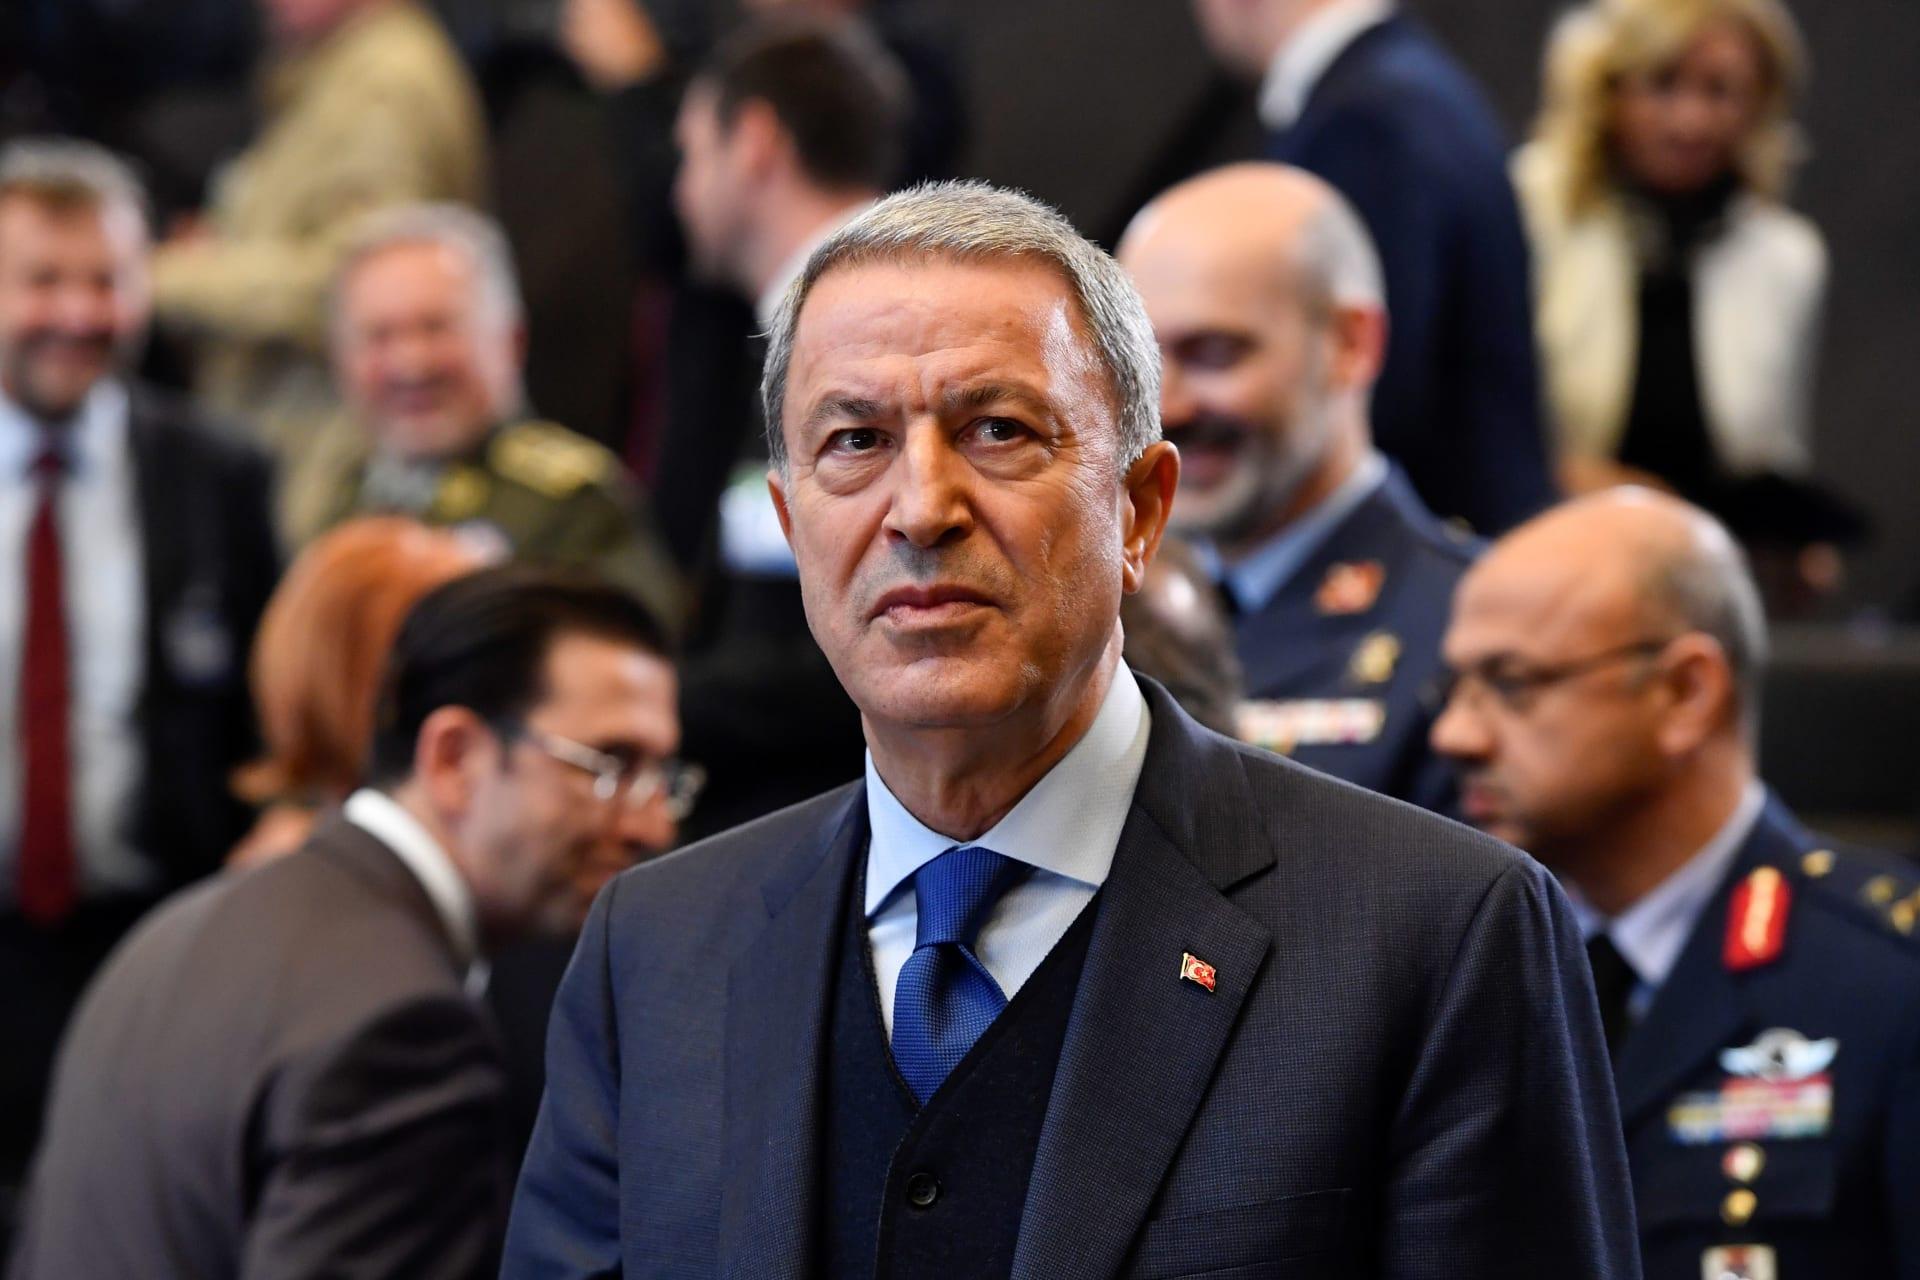 """وزير الدفاع التركي يطالب بقطع الدعم عن حفتر.. ويؤكد استمرار مساعدة """"الوفاق"""" عسكريًا"""